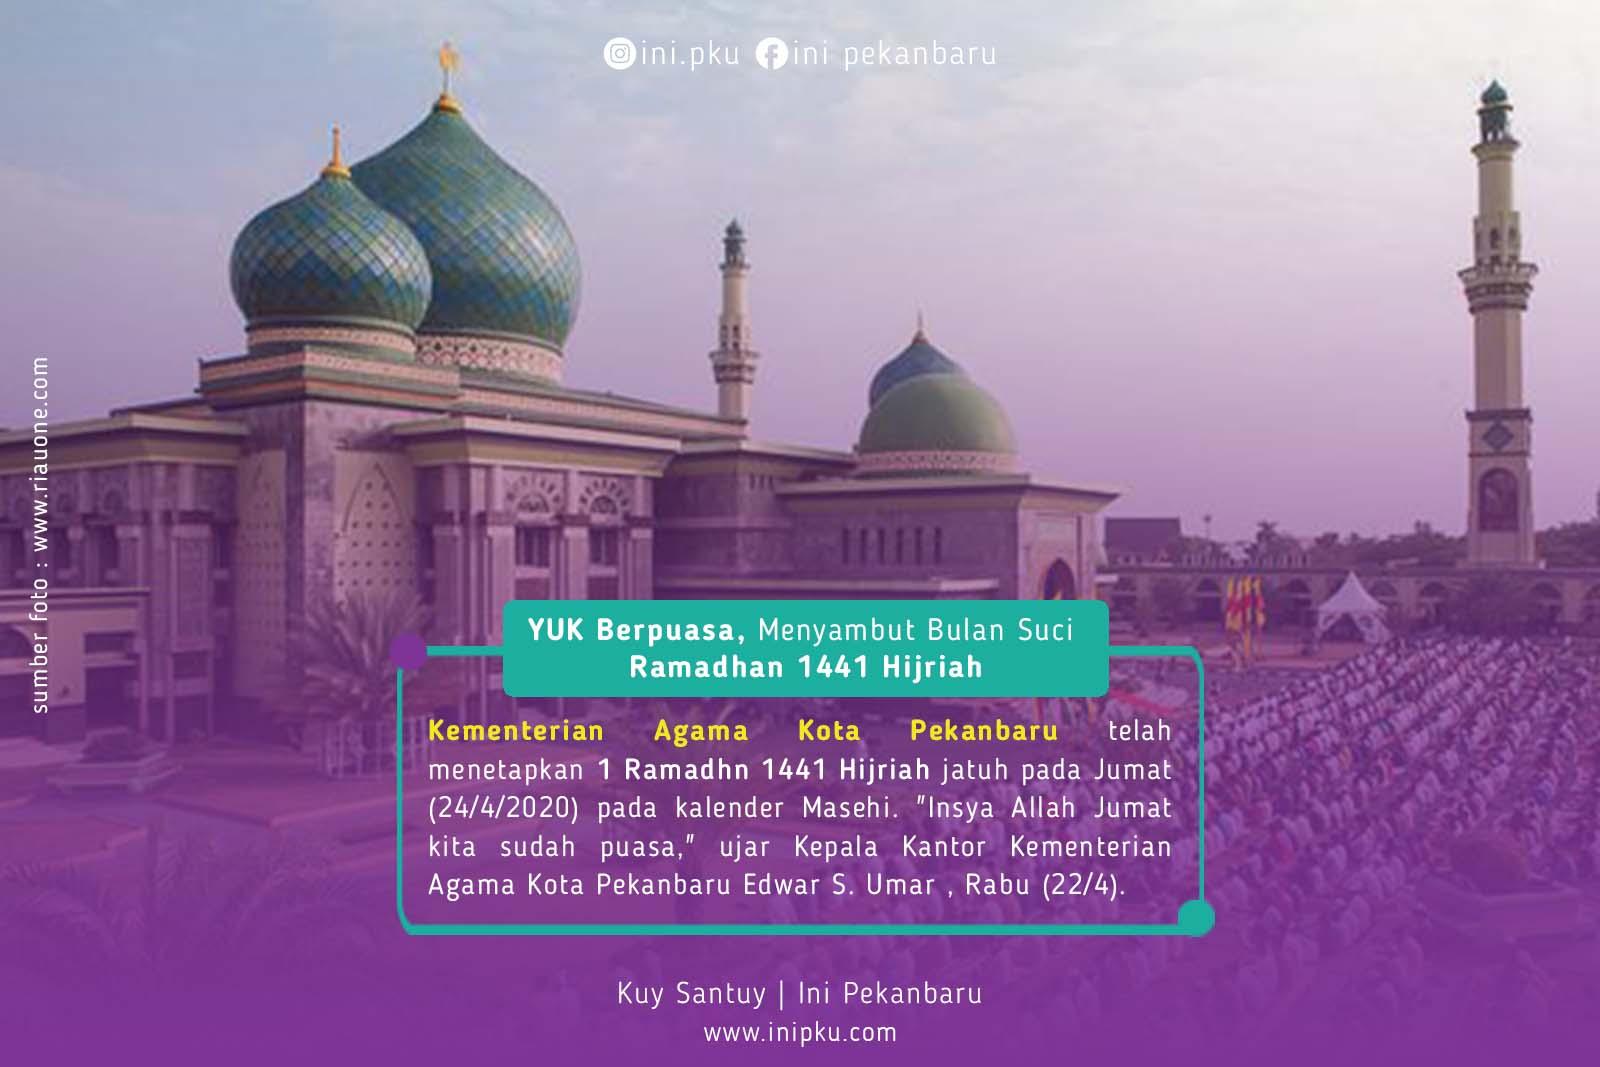 Kemenag Pekanbaru : 1 Ramadhan 1441 Hijriah Jatuh pada Jumat, 24 April 2020